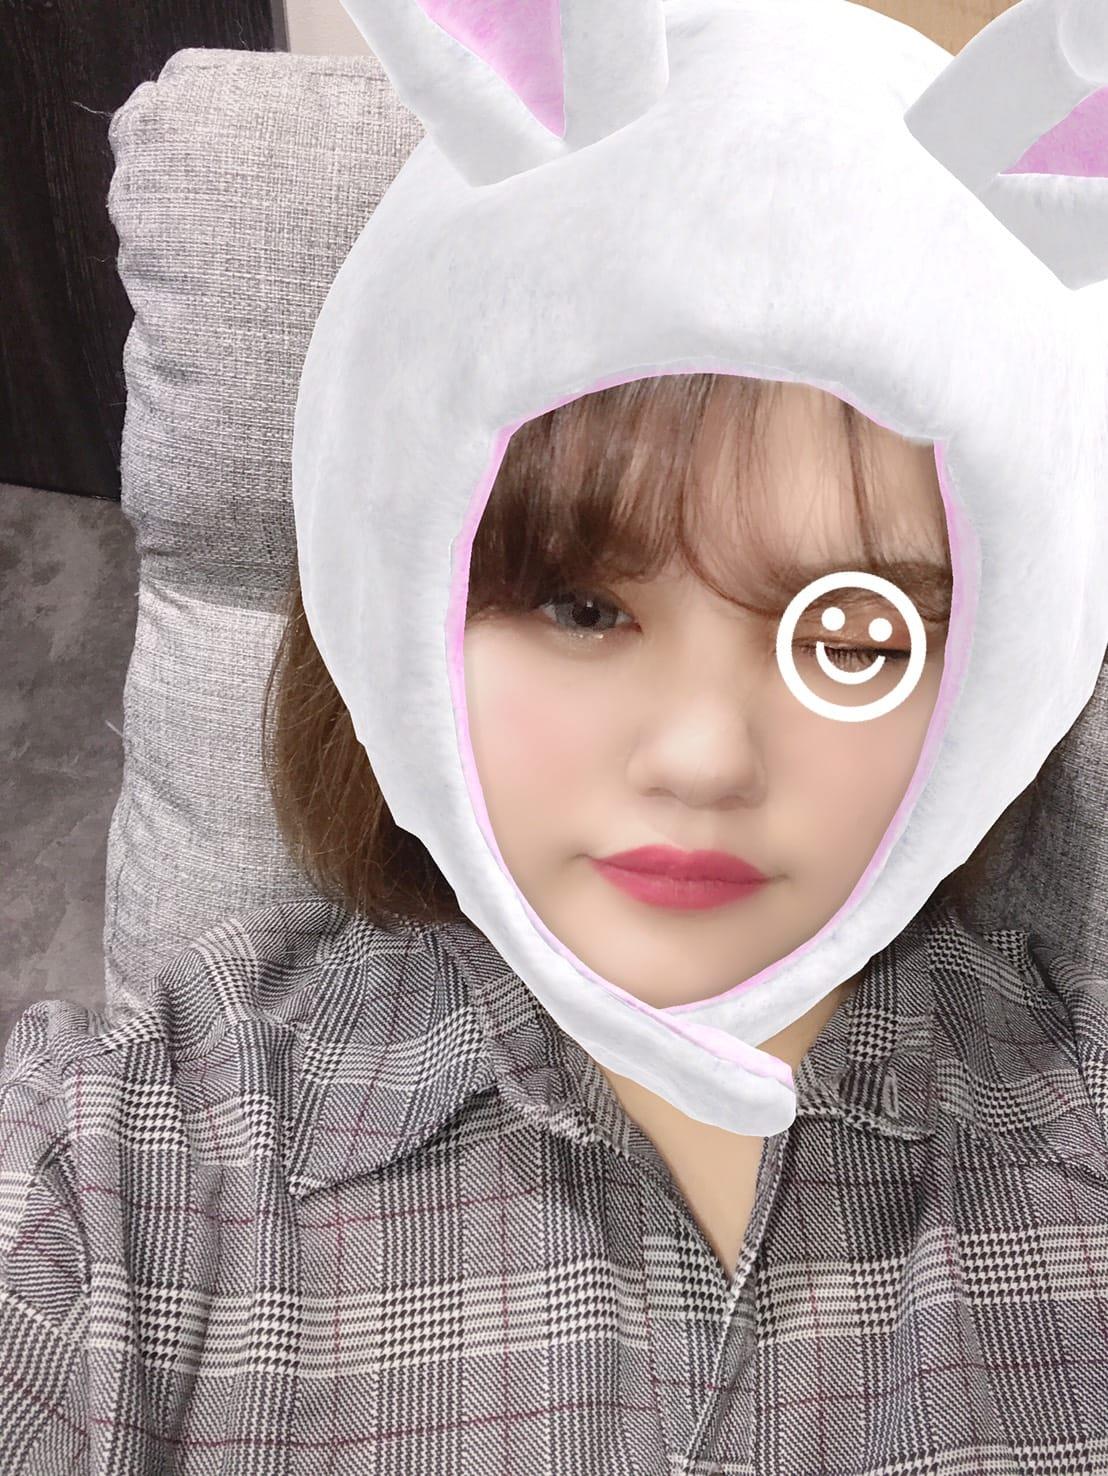 「おはようございます☺」11/18日(日) 11:26 | かほの写メ・風俗動画